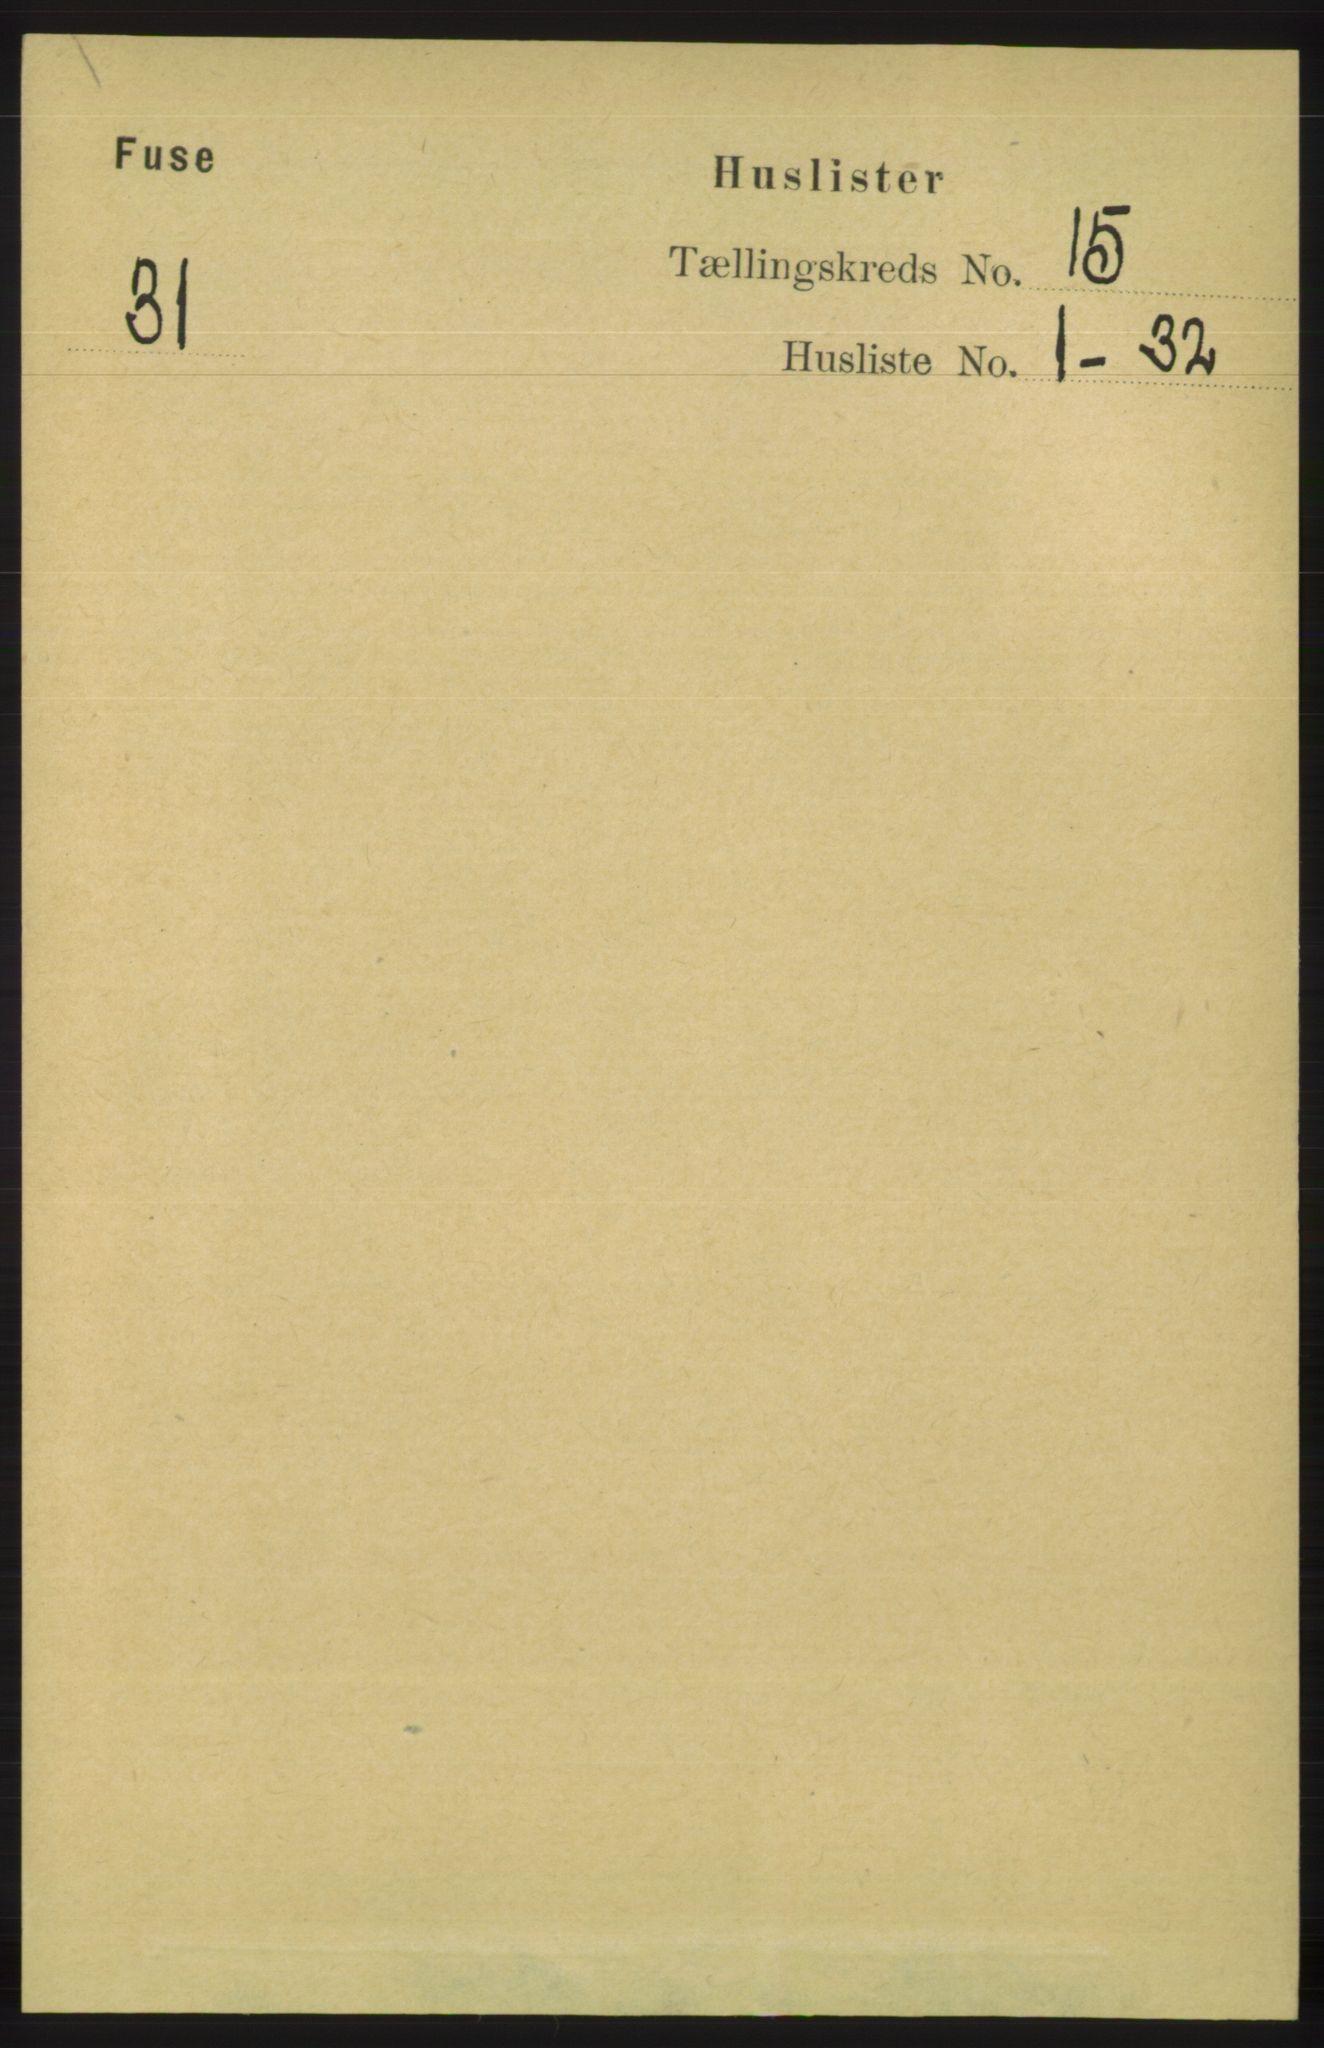 RA, Folketelling 1891 for 1241 Fusa herred, 1891, s. 3360